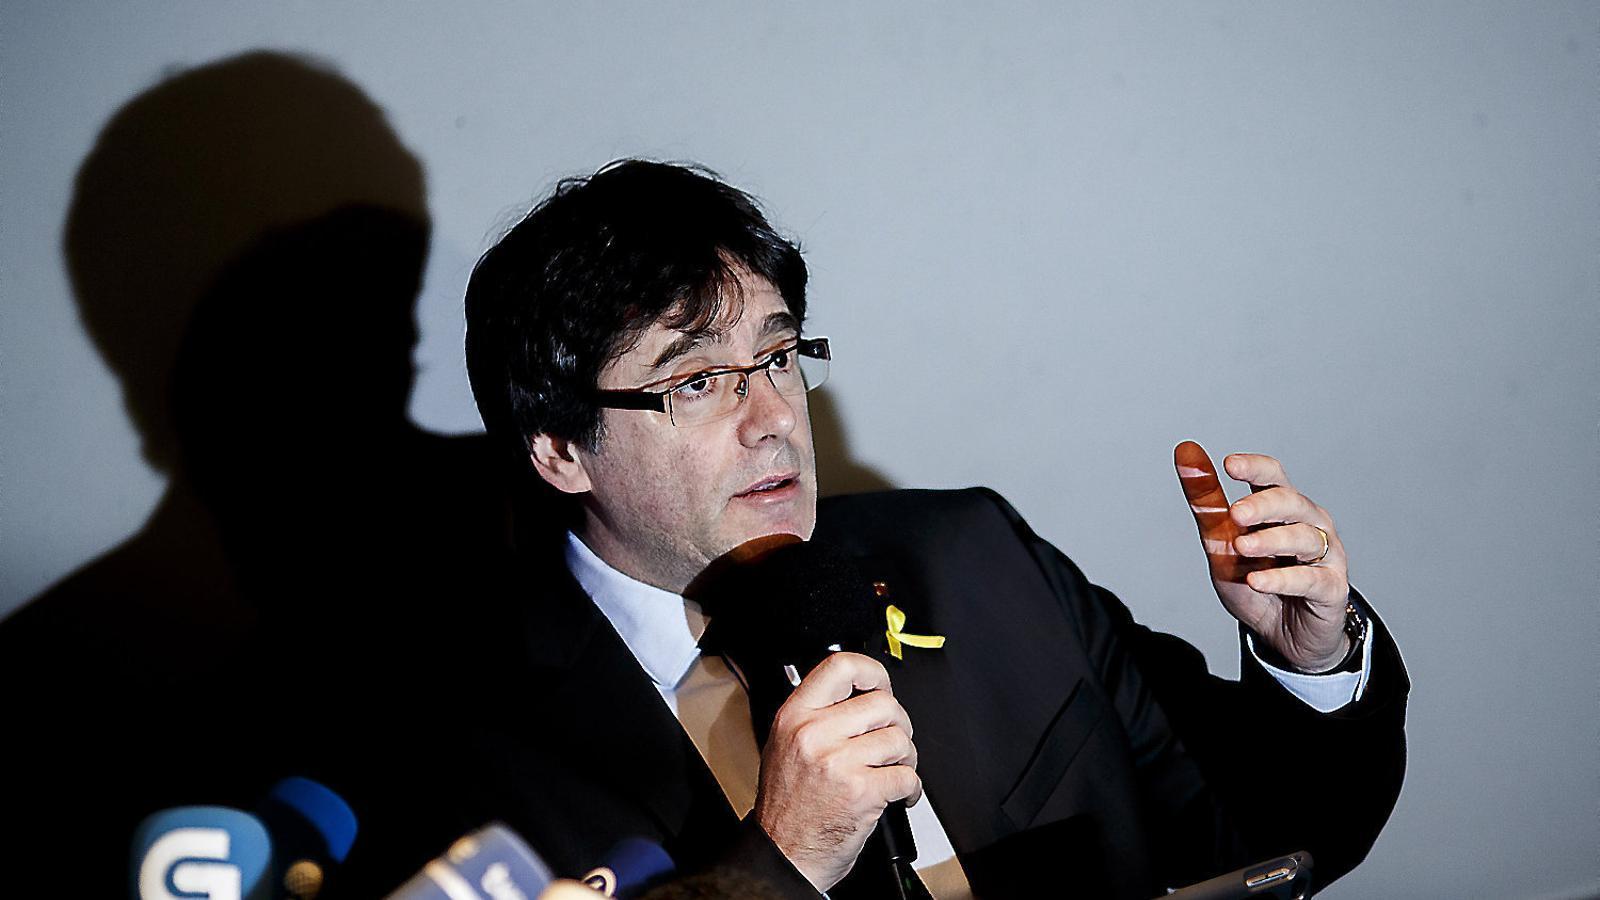 Llarena preveu retirar l'euroorde després del revés d'Alemanya